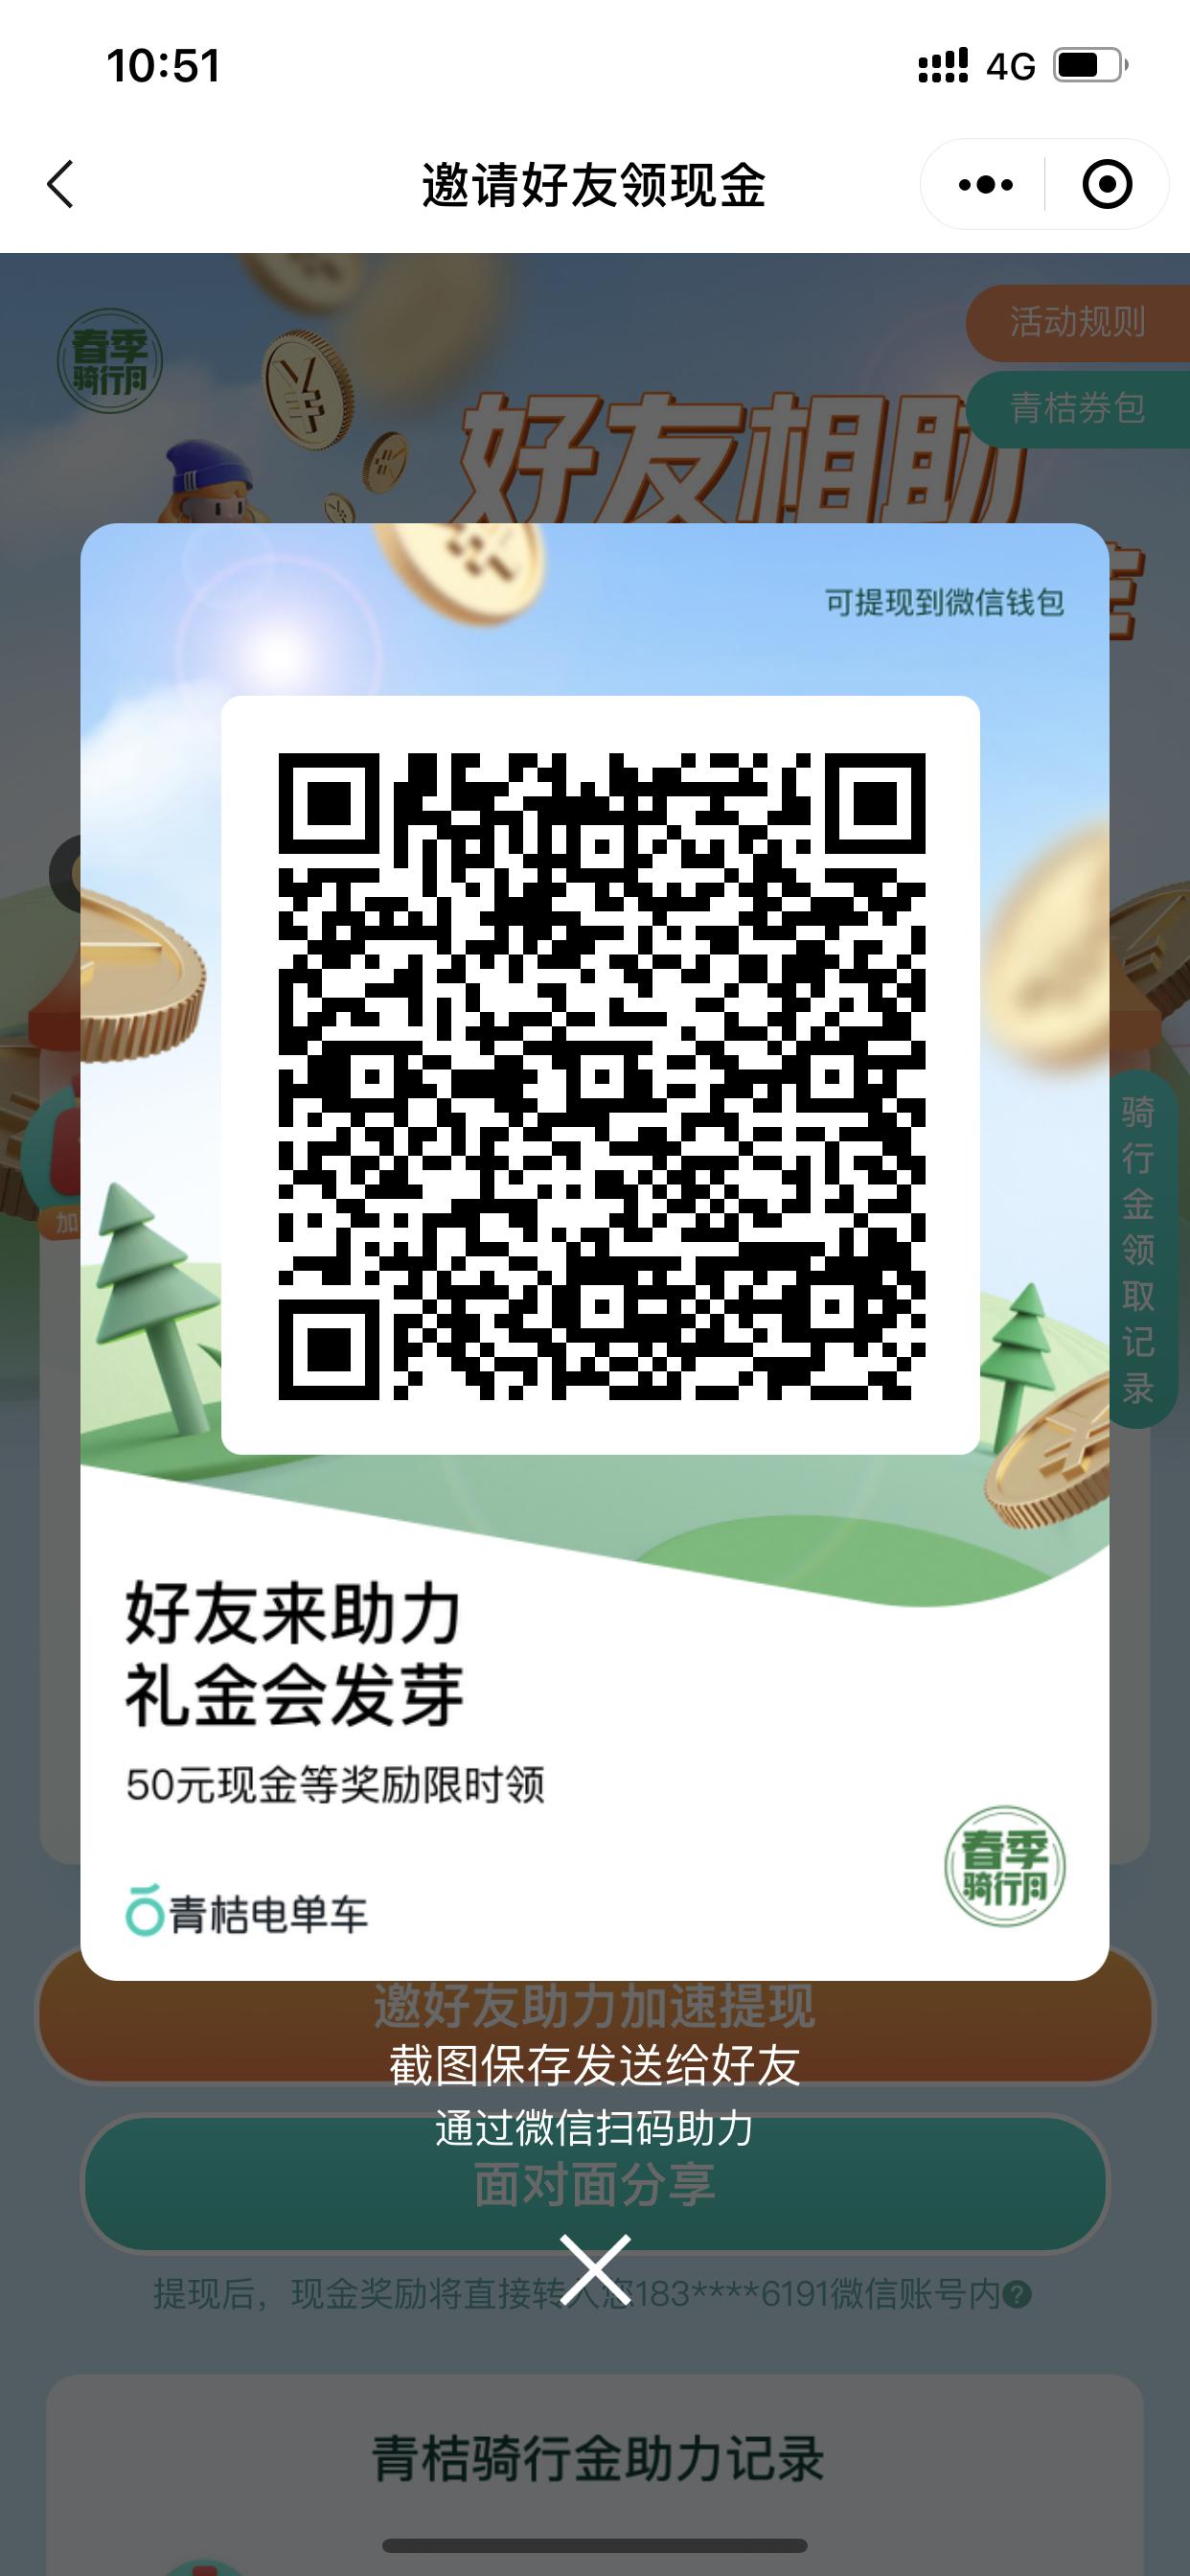 微信图片_20210413105248.png